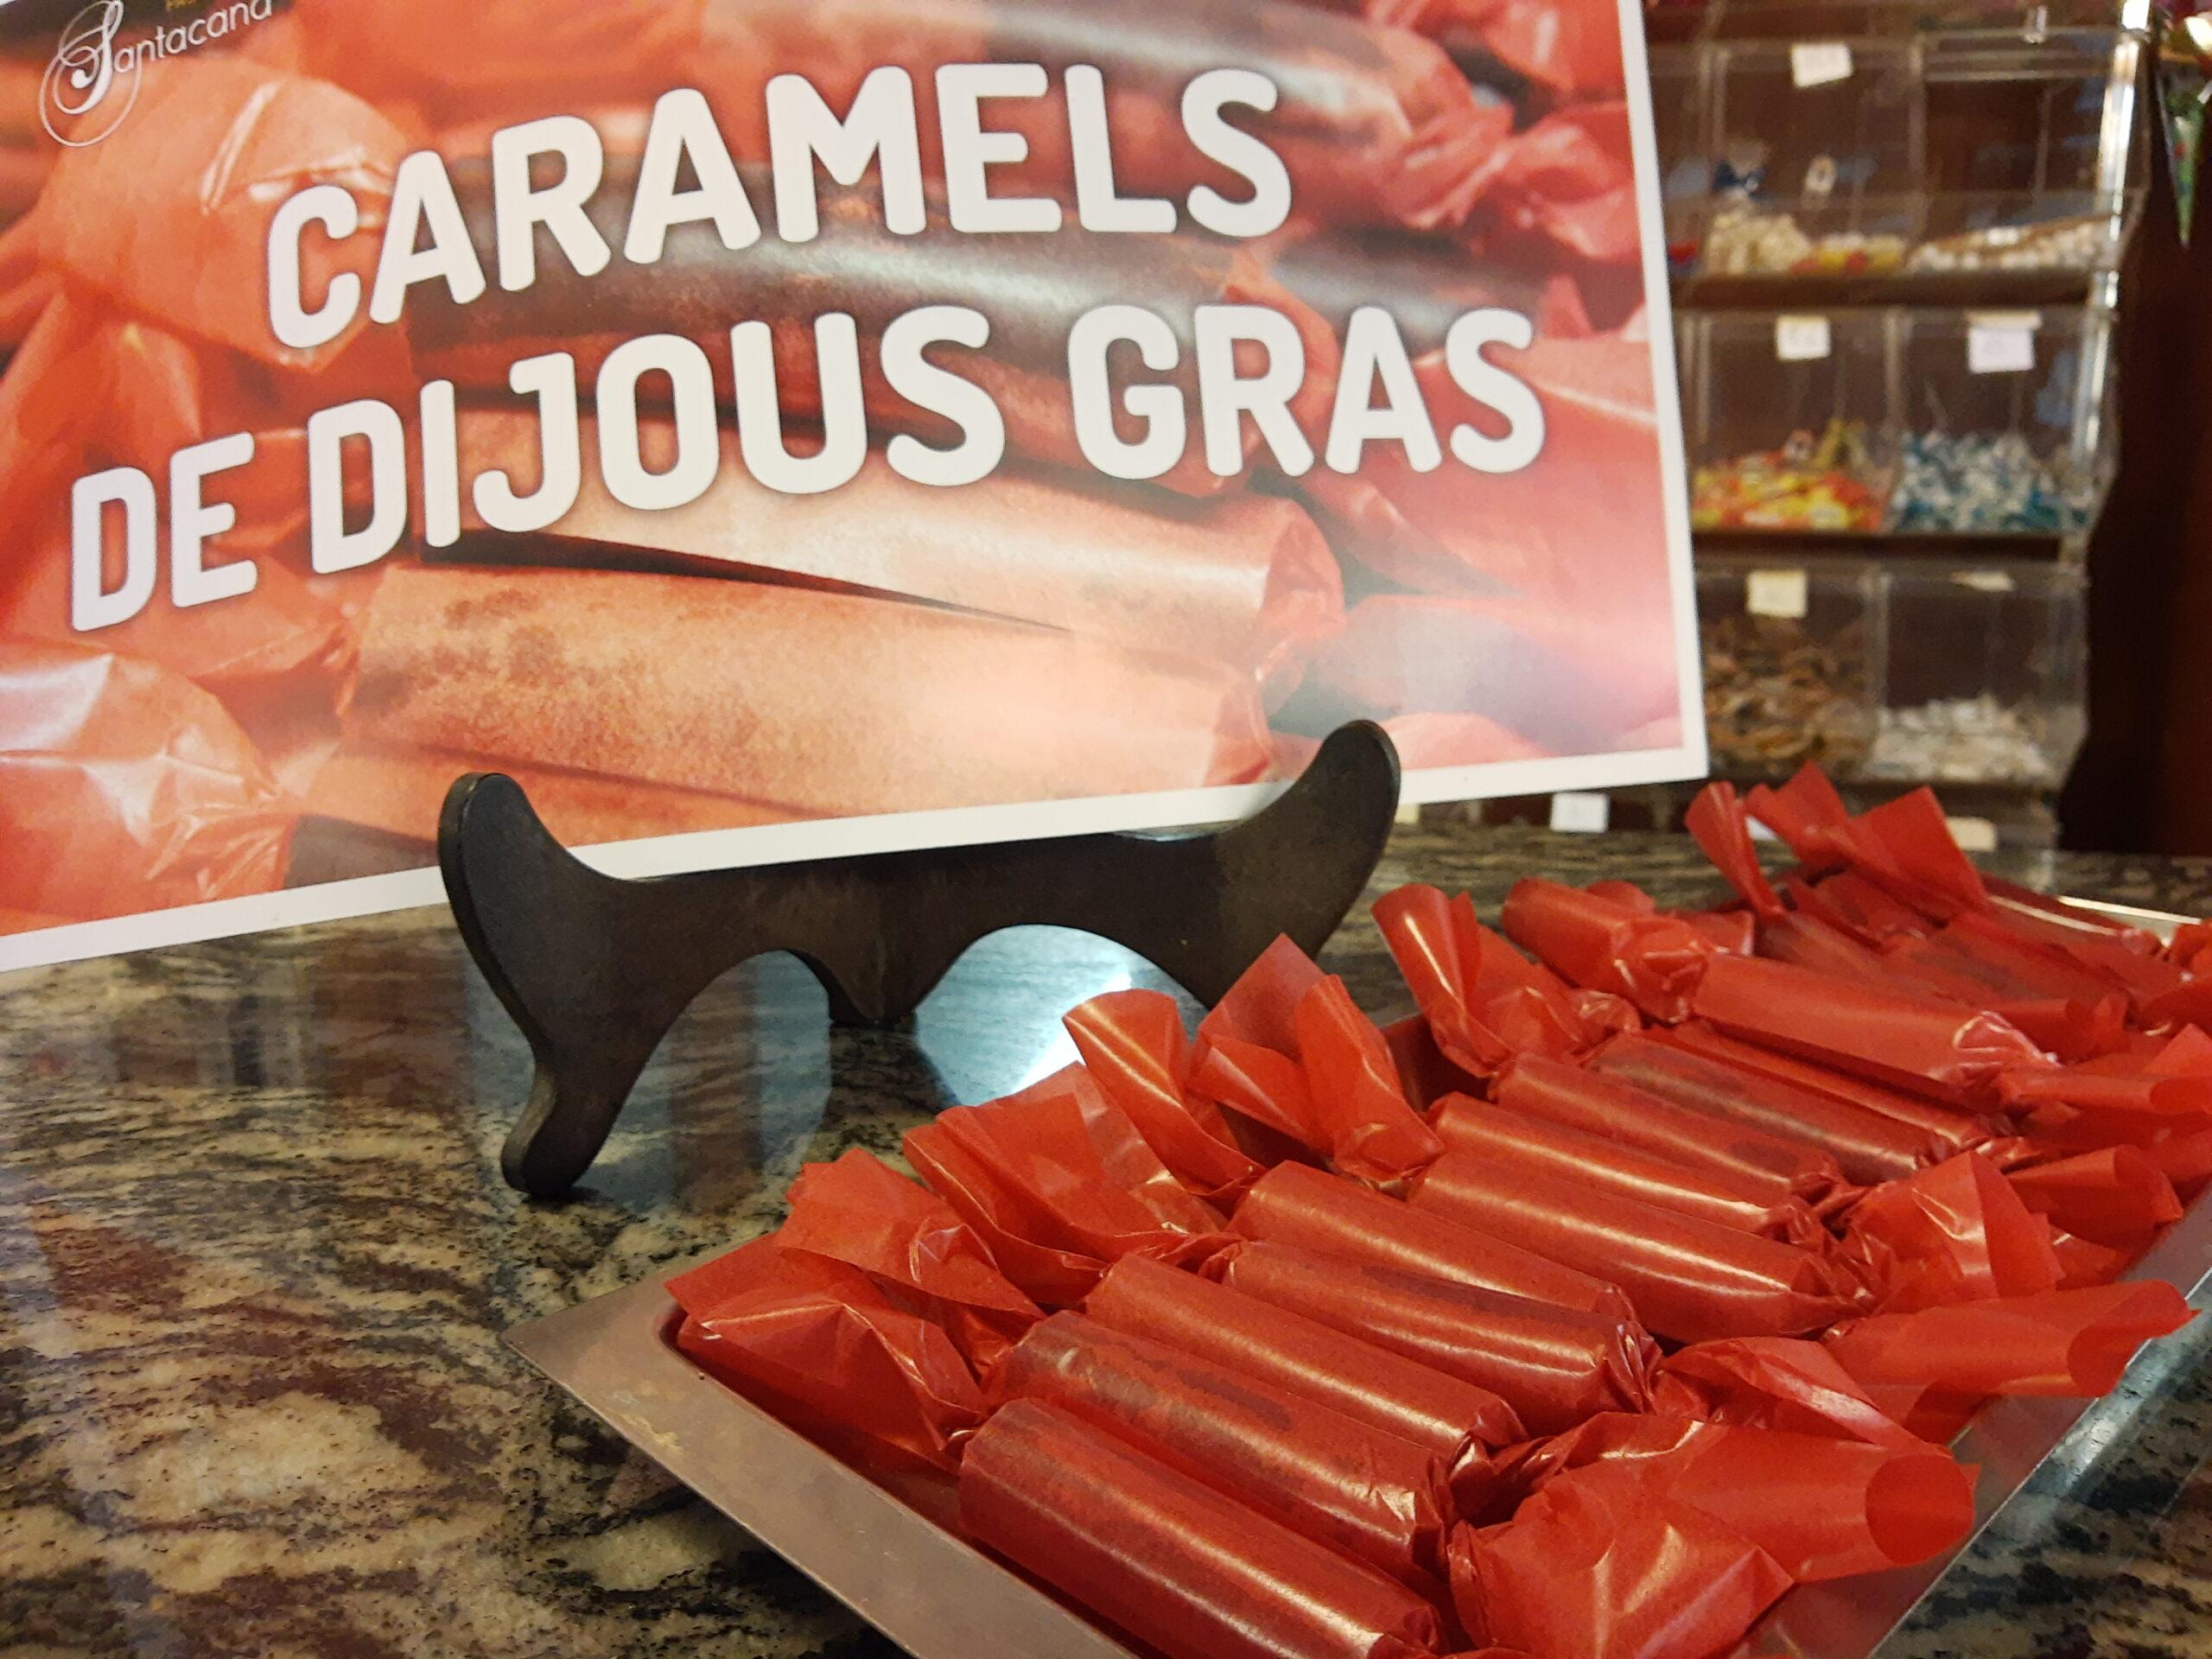 Una pila de caramels vermells de Dijous Gras a la pastisseria Santacana de Valls | ACN